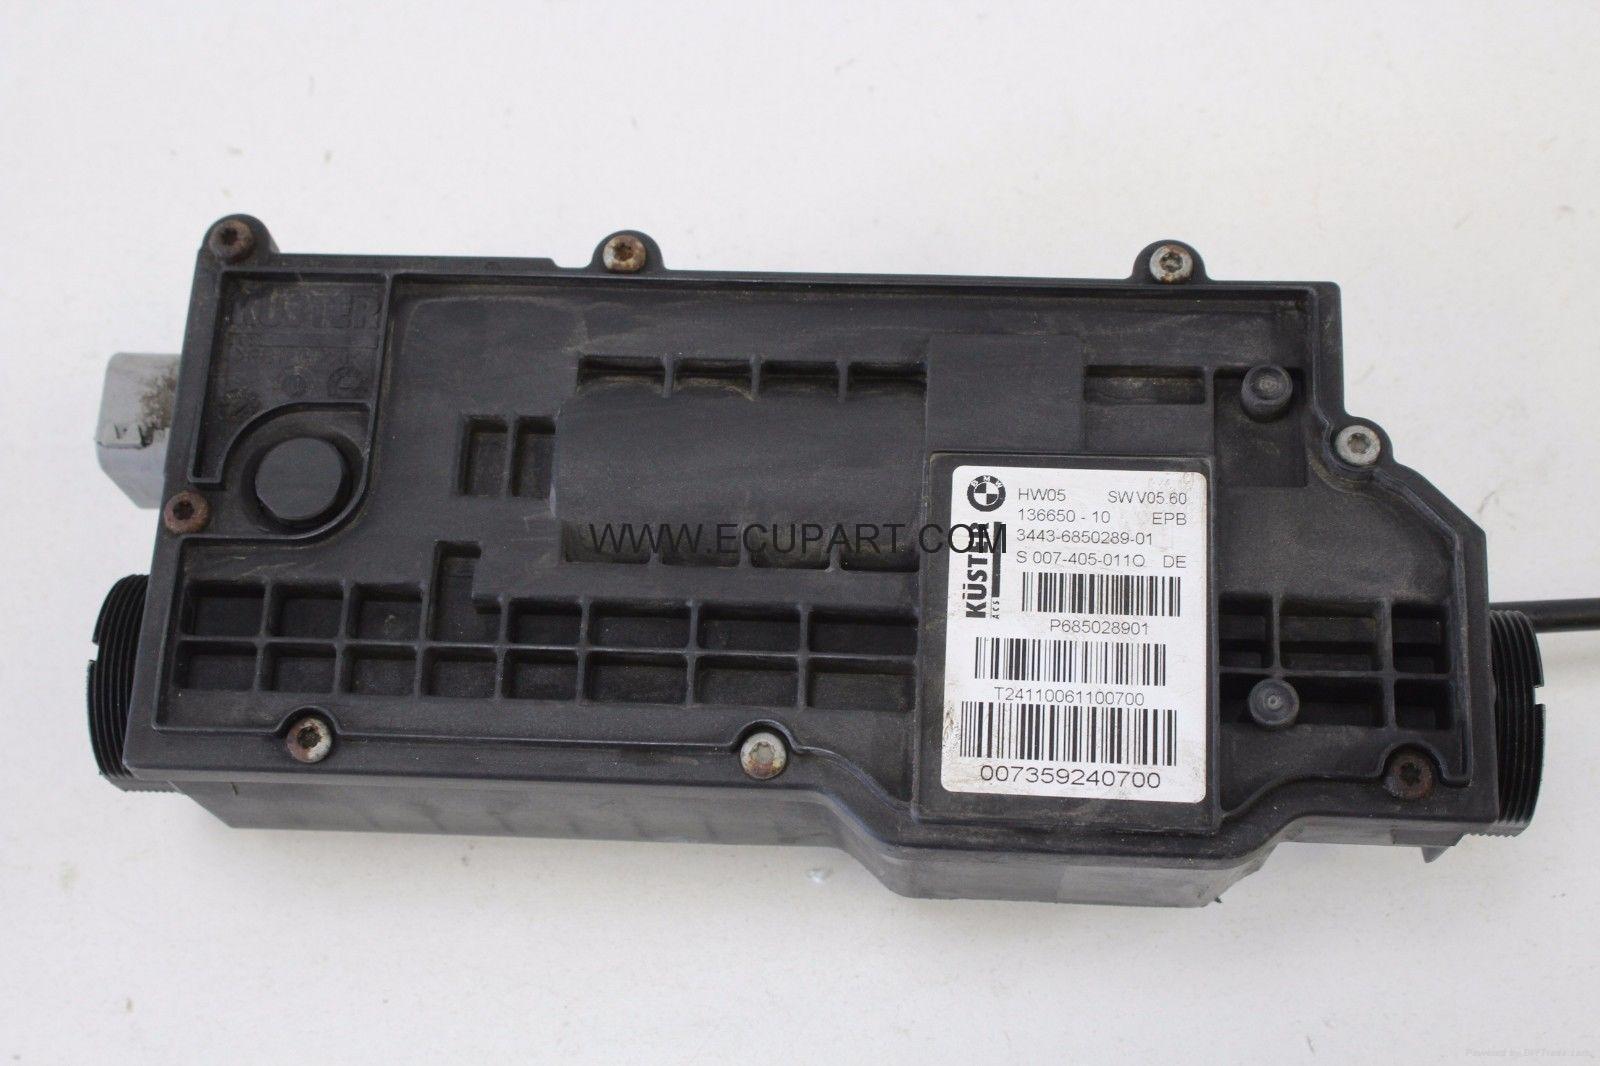 奔馳電子手剎車電機W216 W219 CL500 CL600 CL63 CL65  3